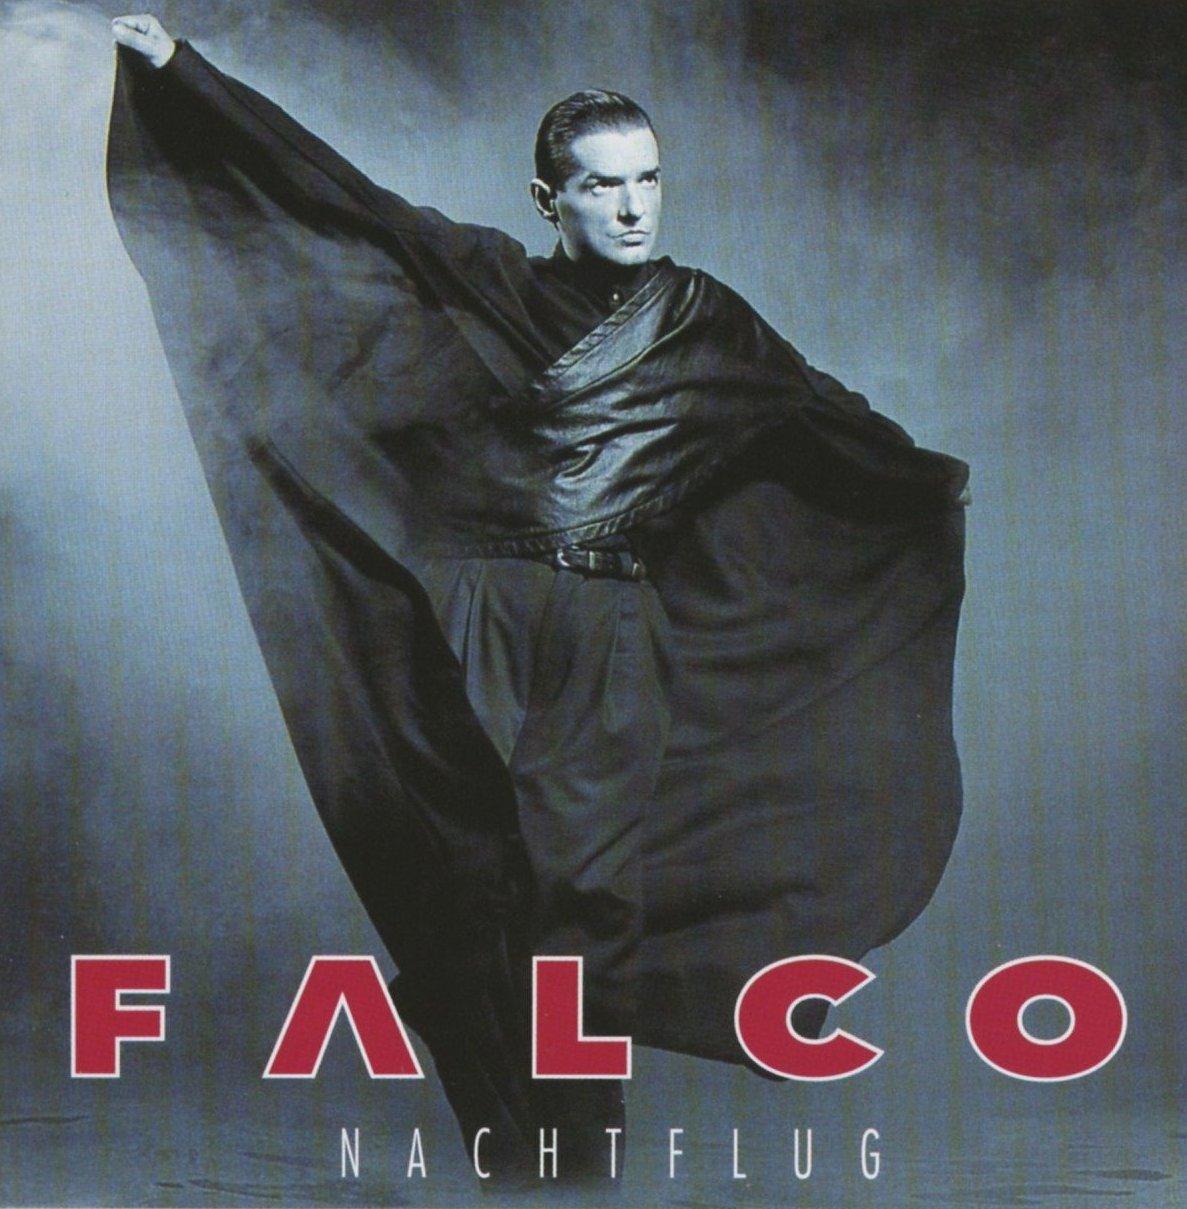 """Falcos """"Nachtflug"""" und """"Out Of The Dark"""" als remasterte Neuauflagen mit Bonus-CD"""